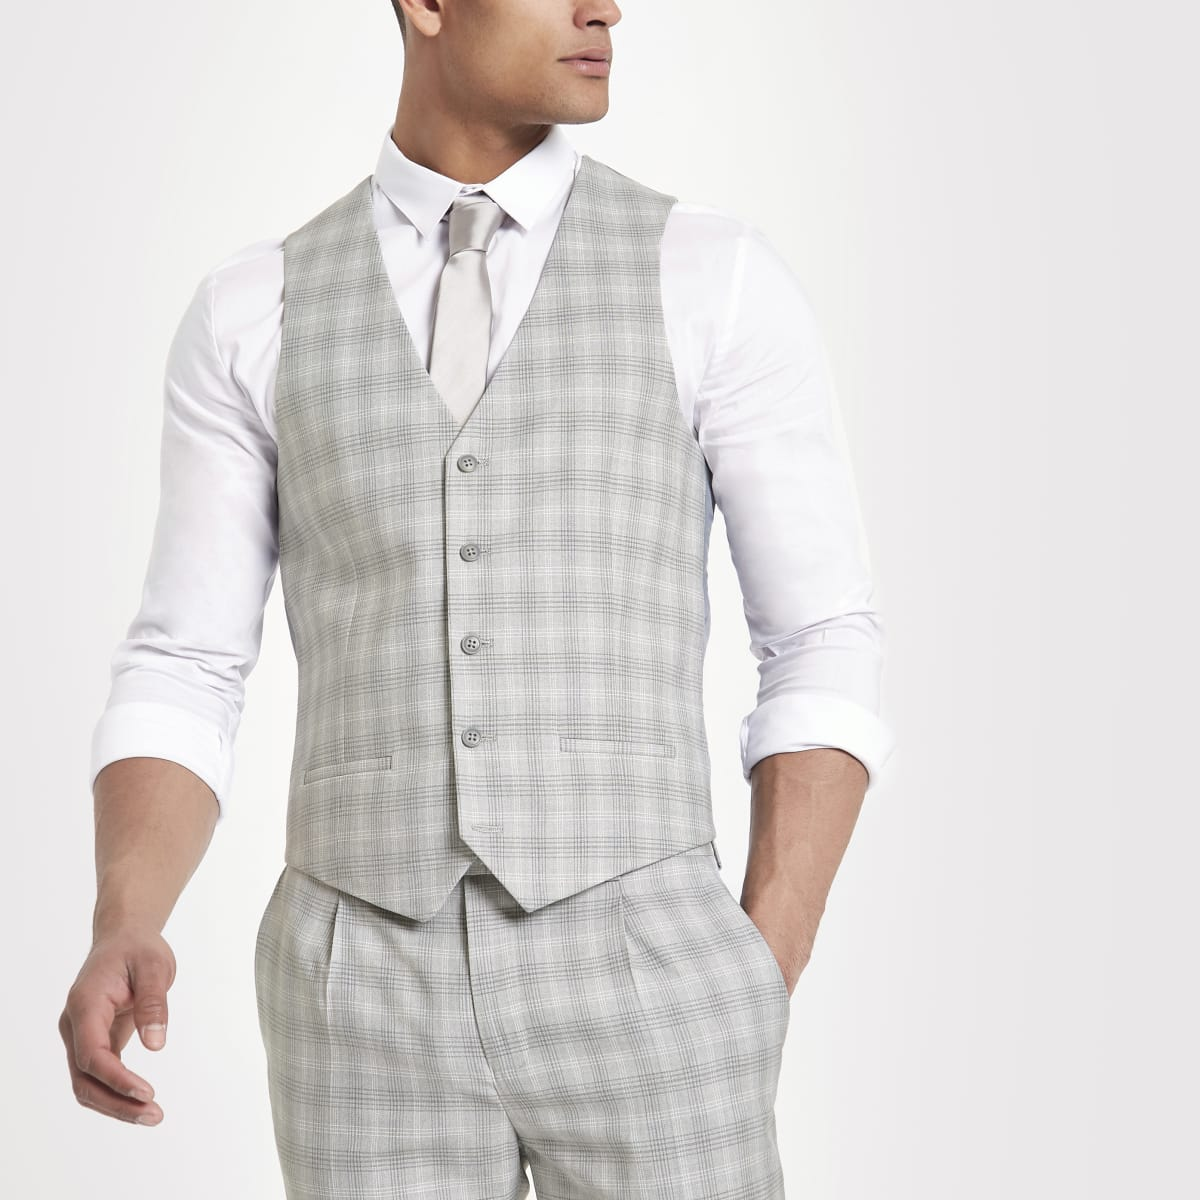 Light grey check suit vest